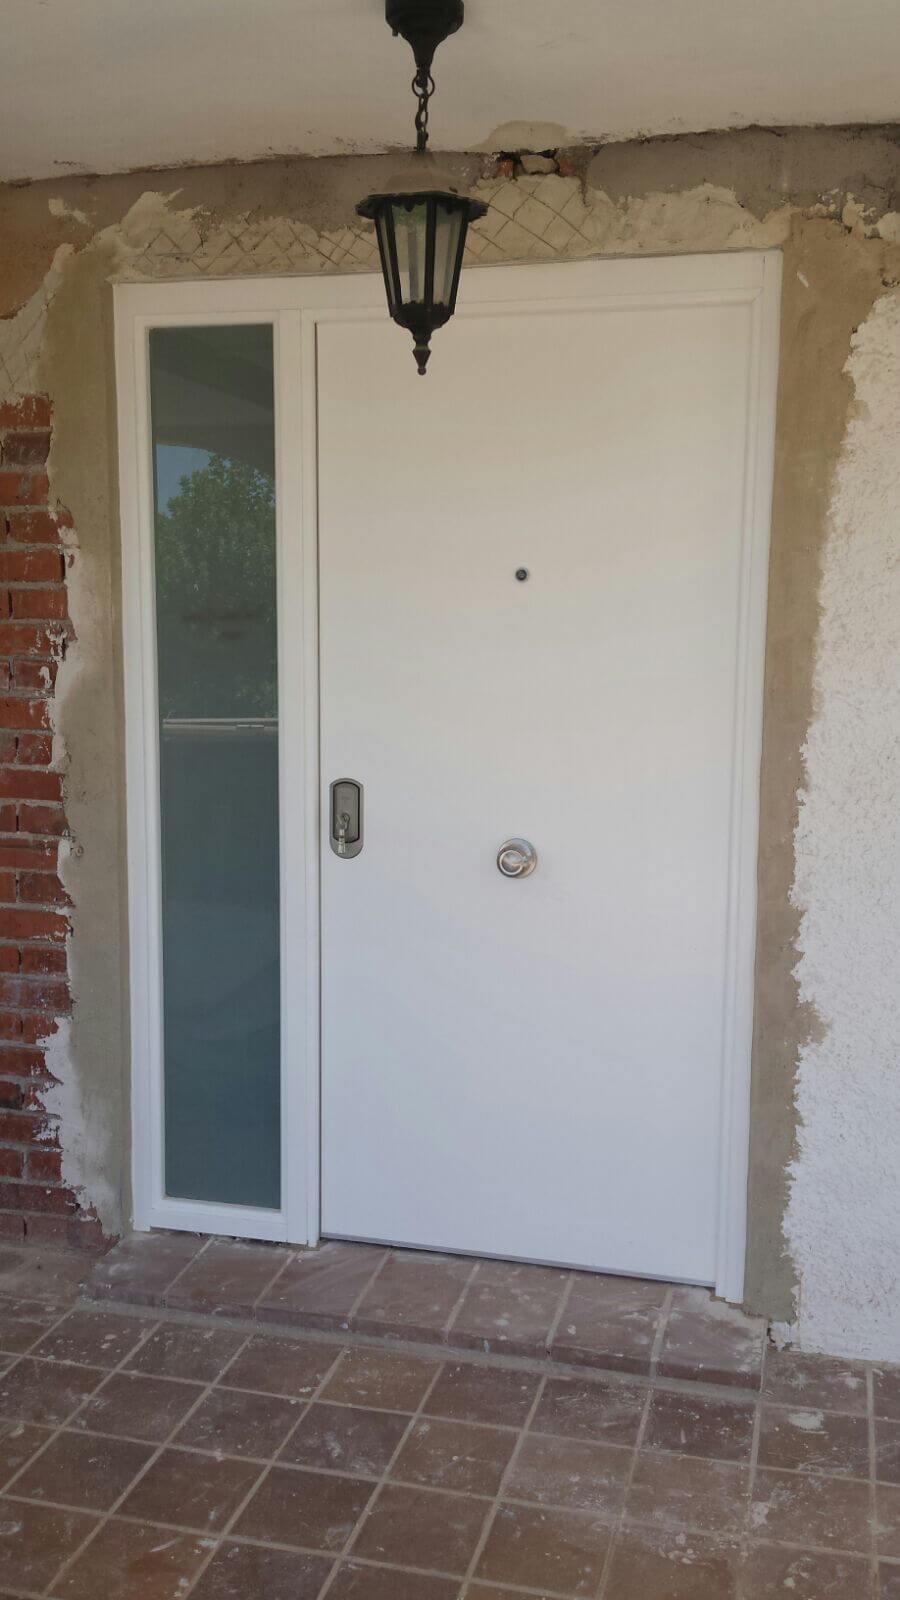 Instalaci n de puertas blindadas y de interior baratas en for Puertas blindadas